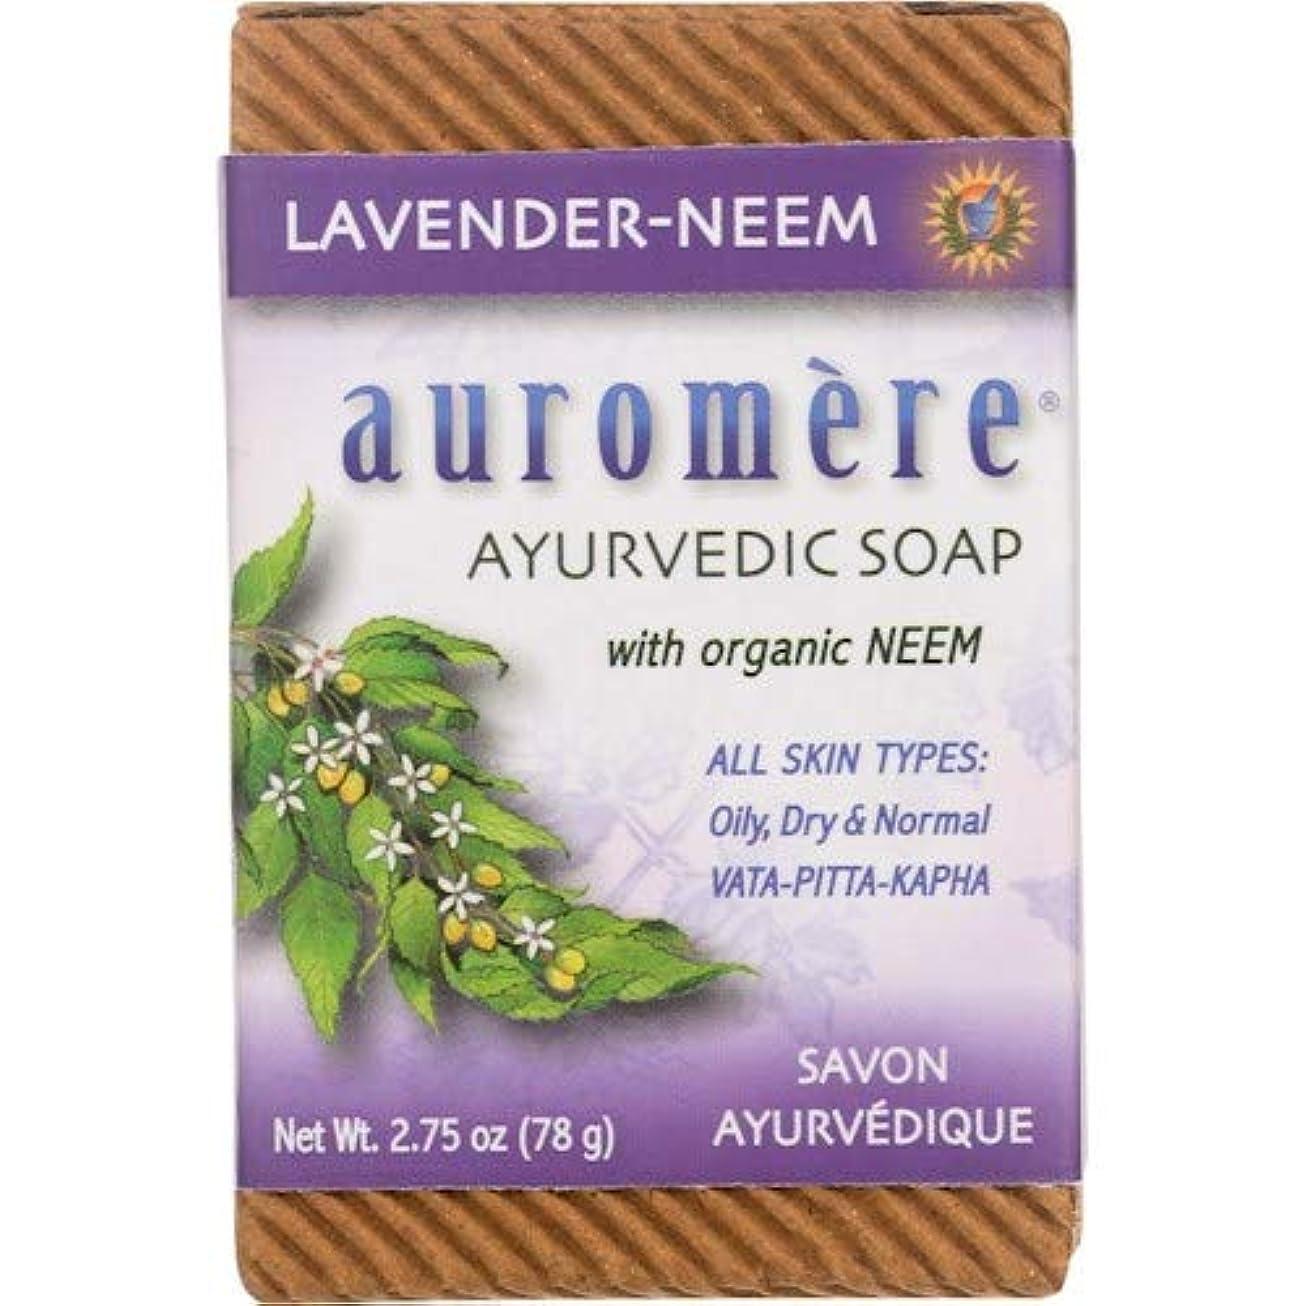 一般化する輸血おめでとうオーロメア (Auromere) アーユルヴェーダ 石鹸/ラベンダー?ニーム 78g 6+1個 セット